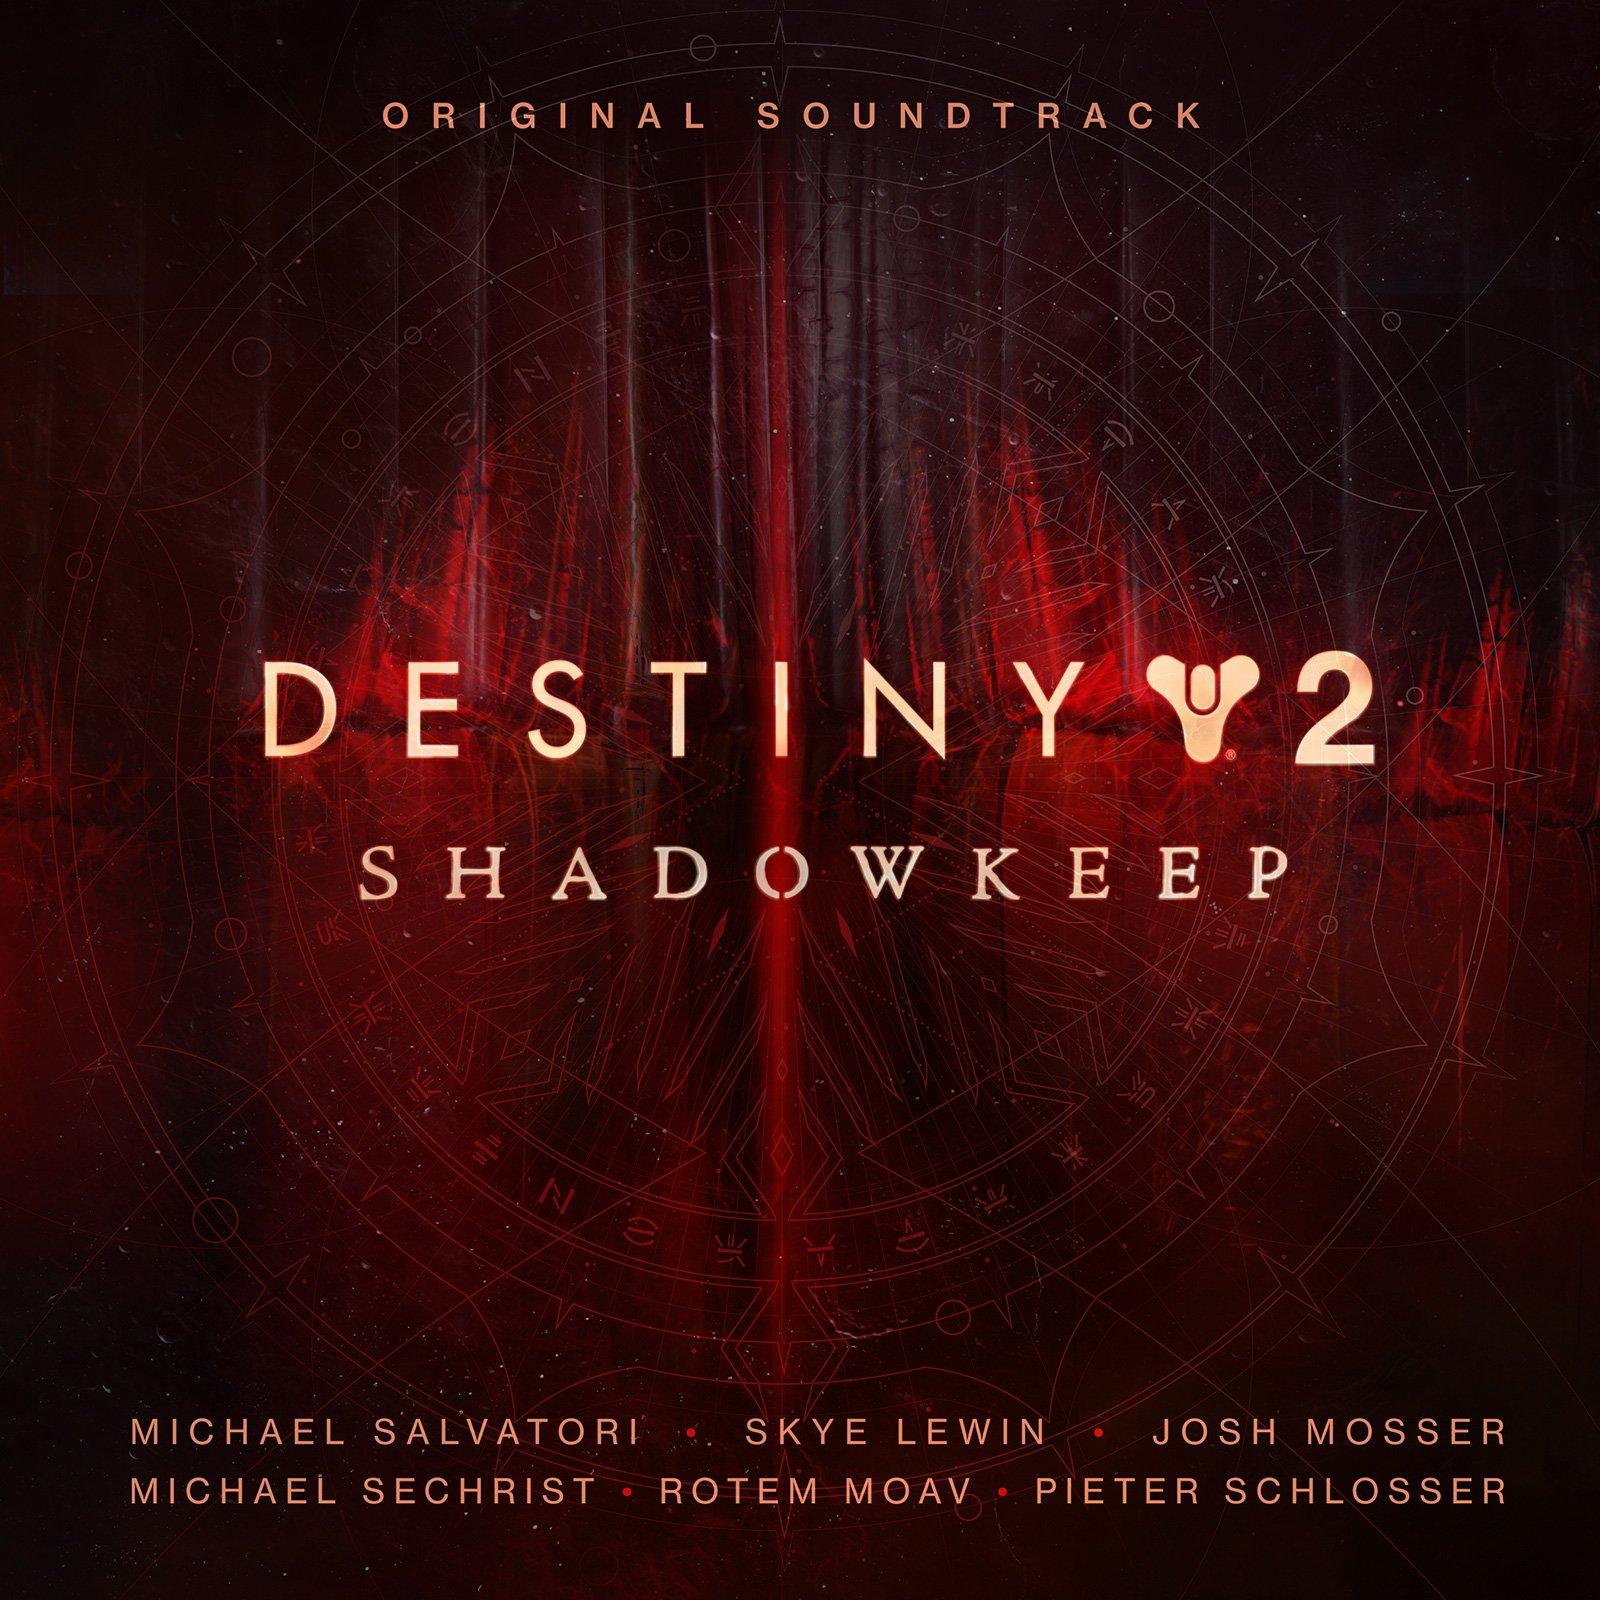 Destiny 2: Shadowkeep Original Soundtrack Digital Edition